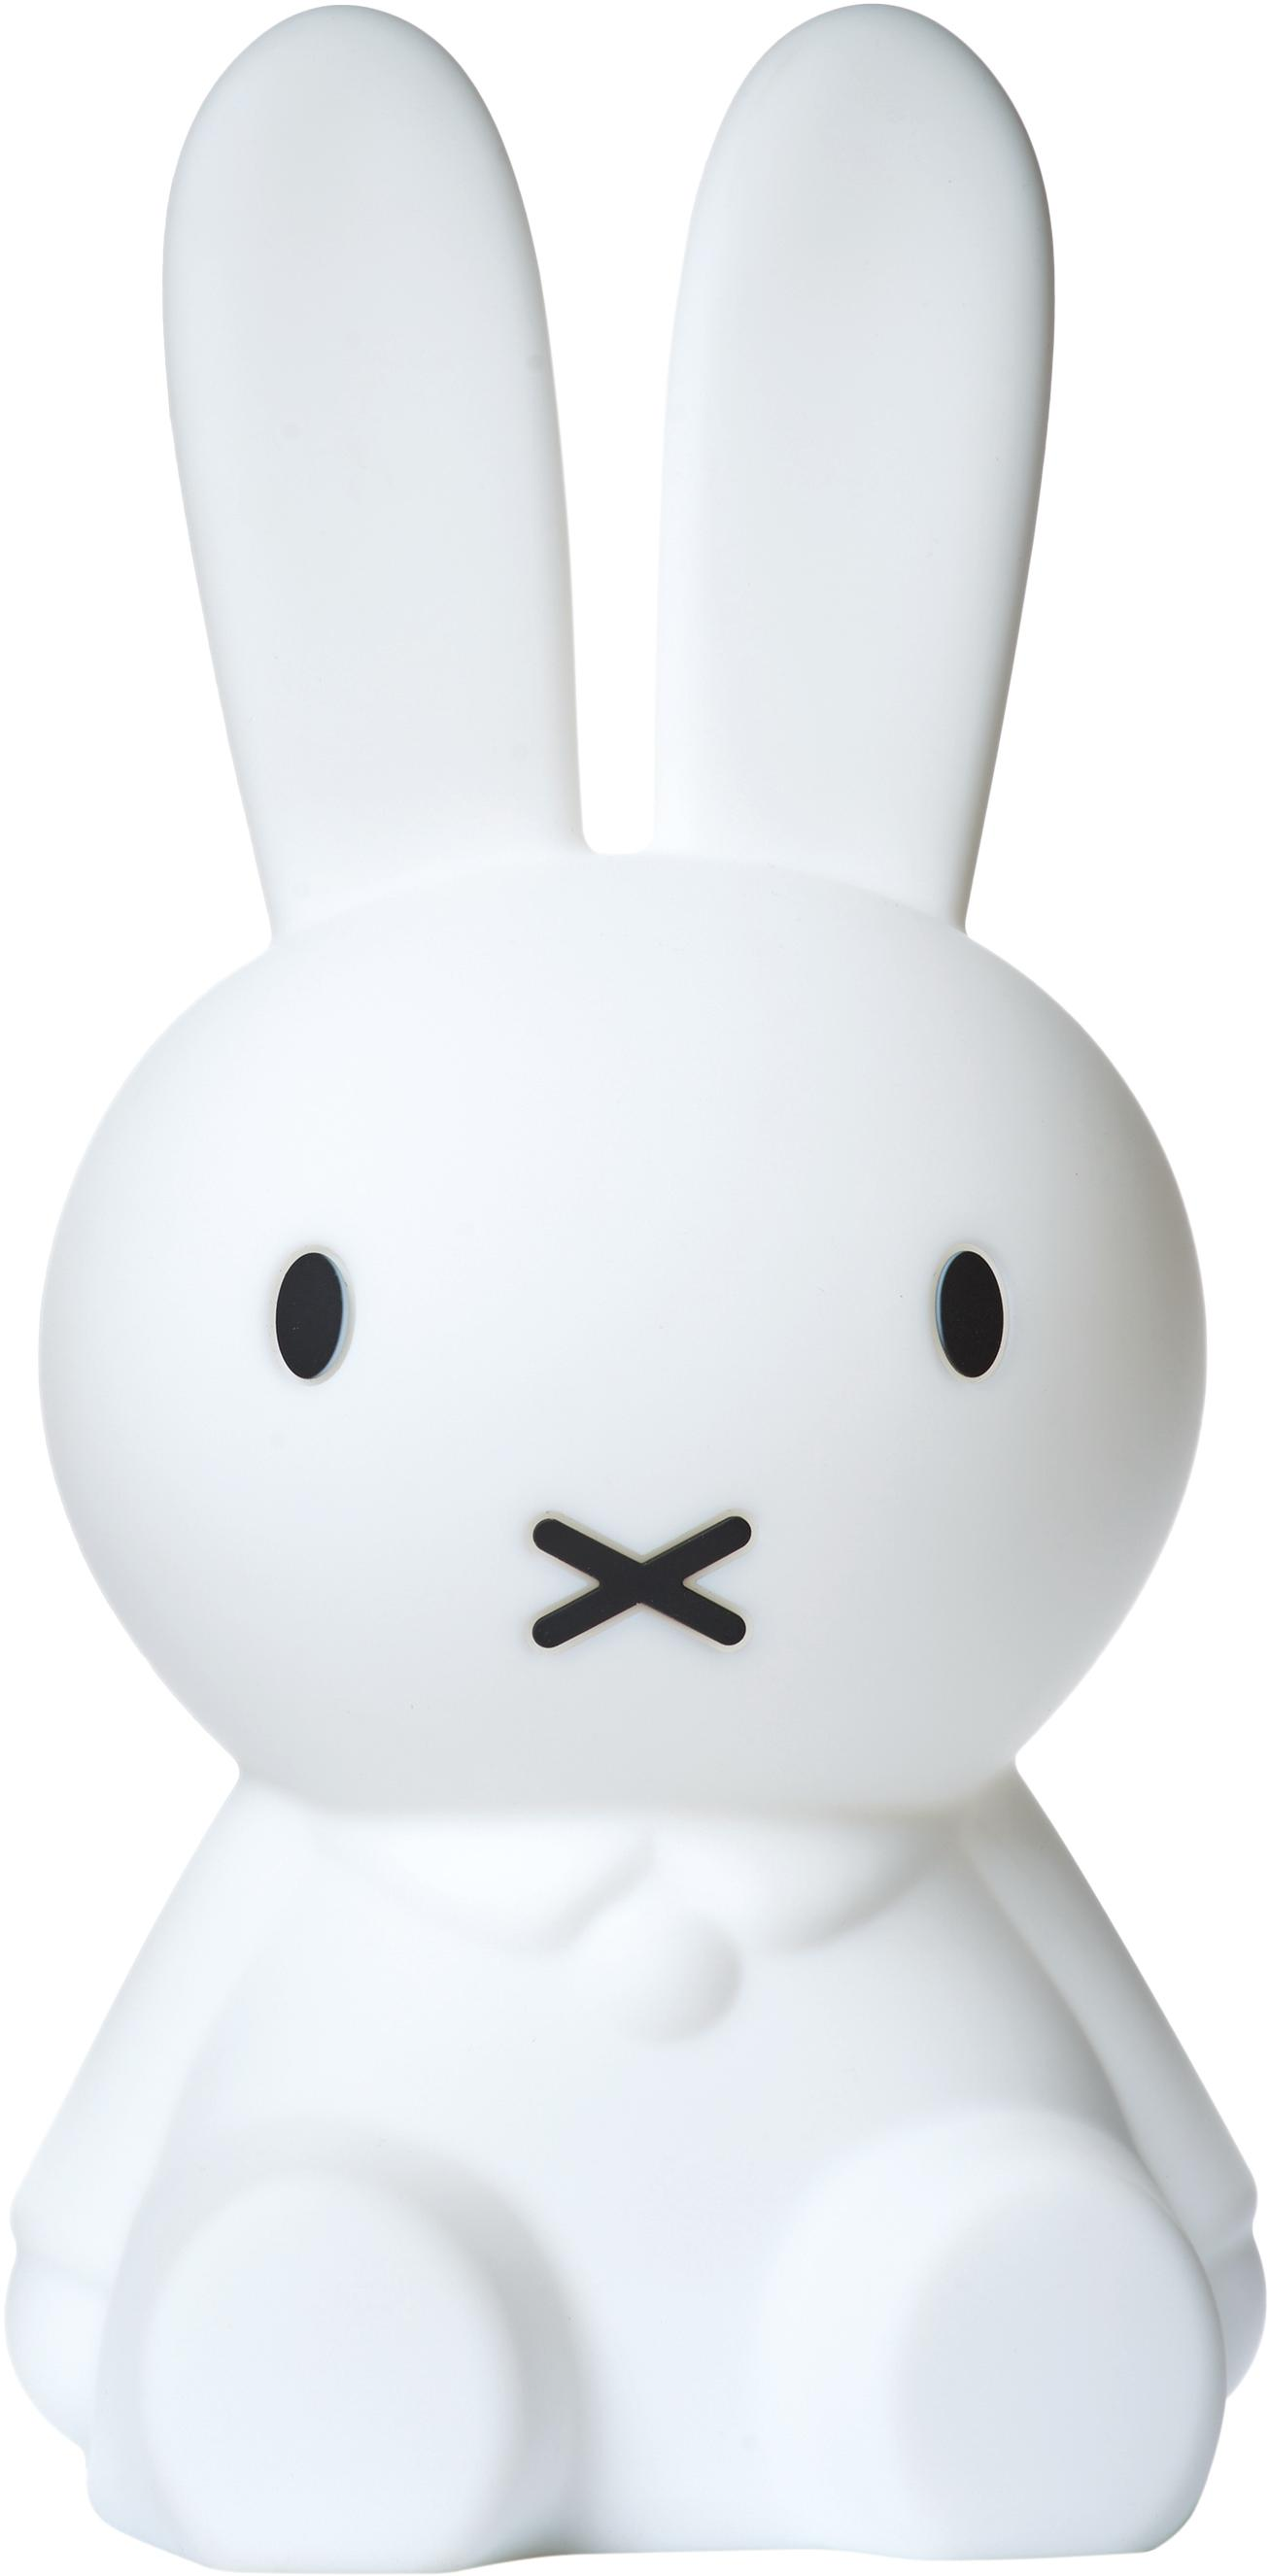 LED Tischleuchte Miffy First Light, Silikon, frei von BPA, Weiß, 15 x 30 cm